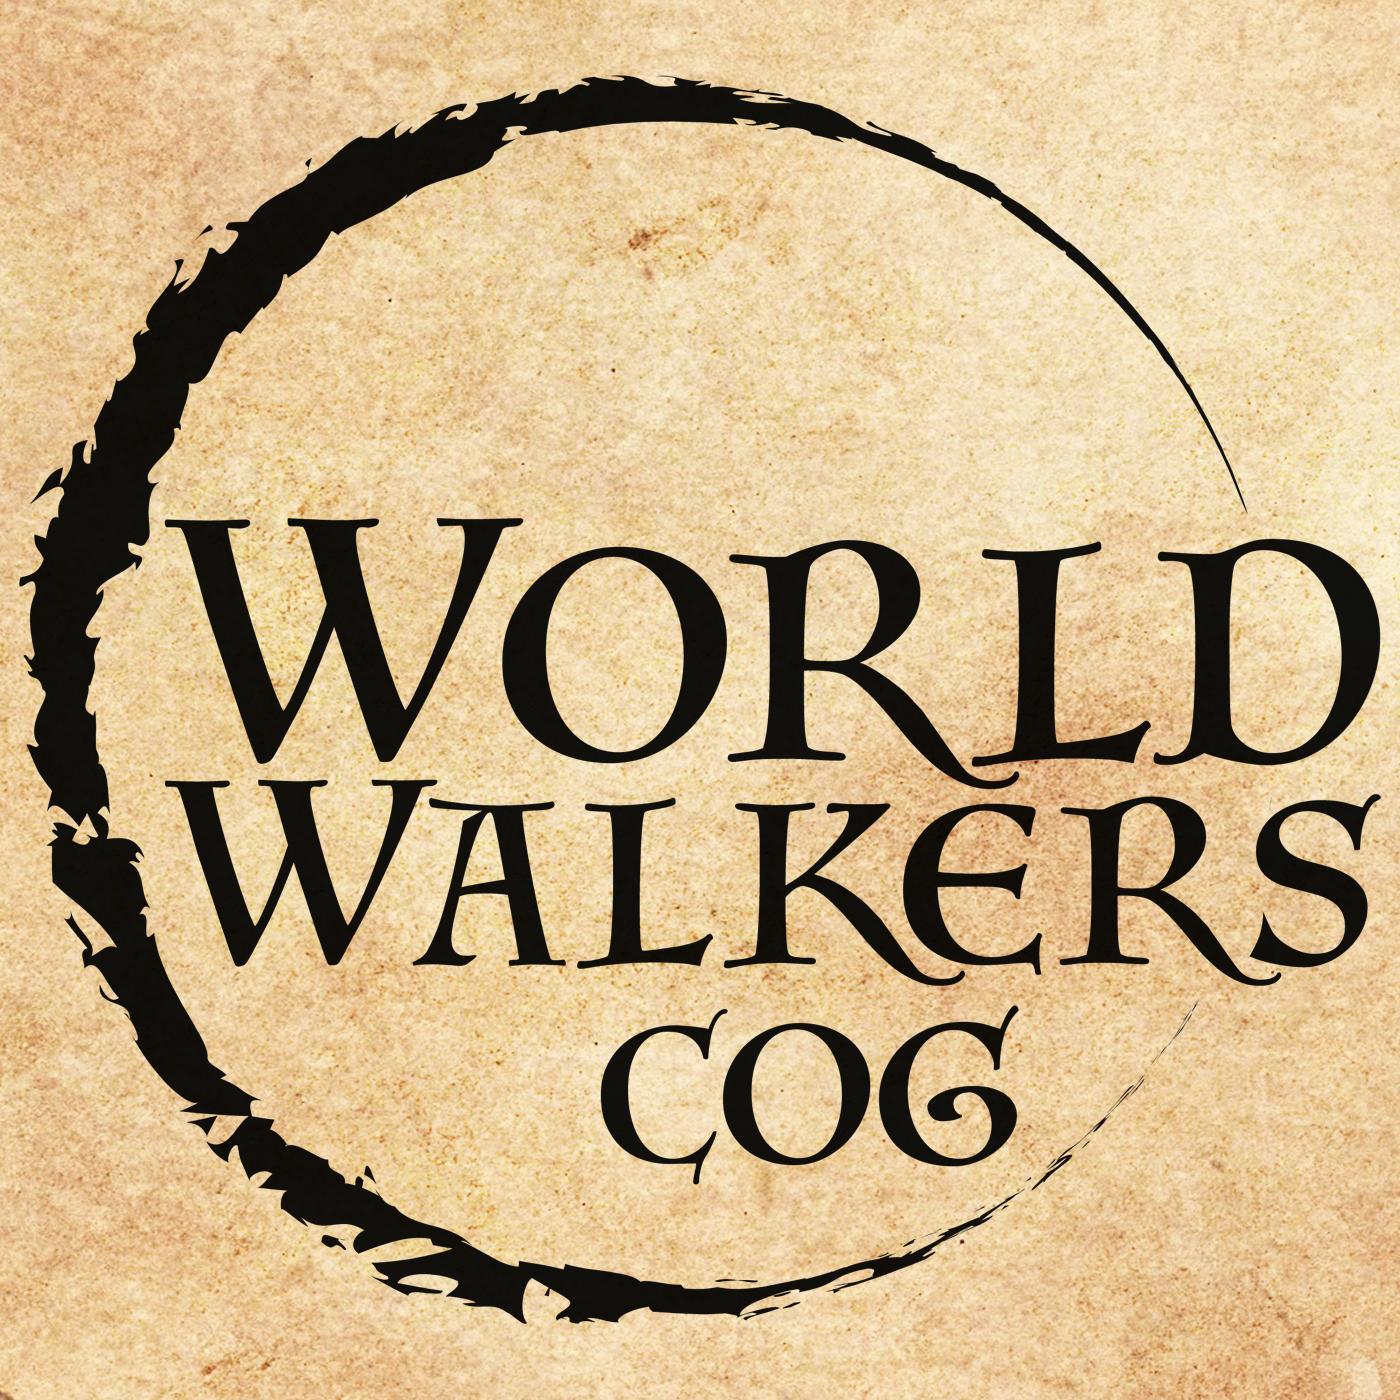 World Walkers: Cog